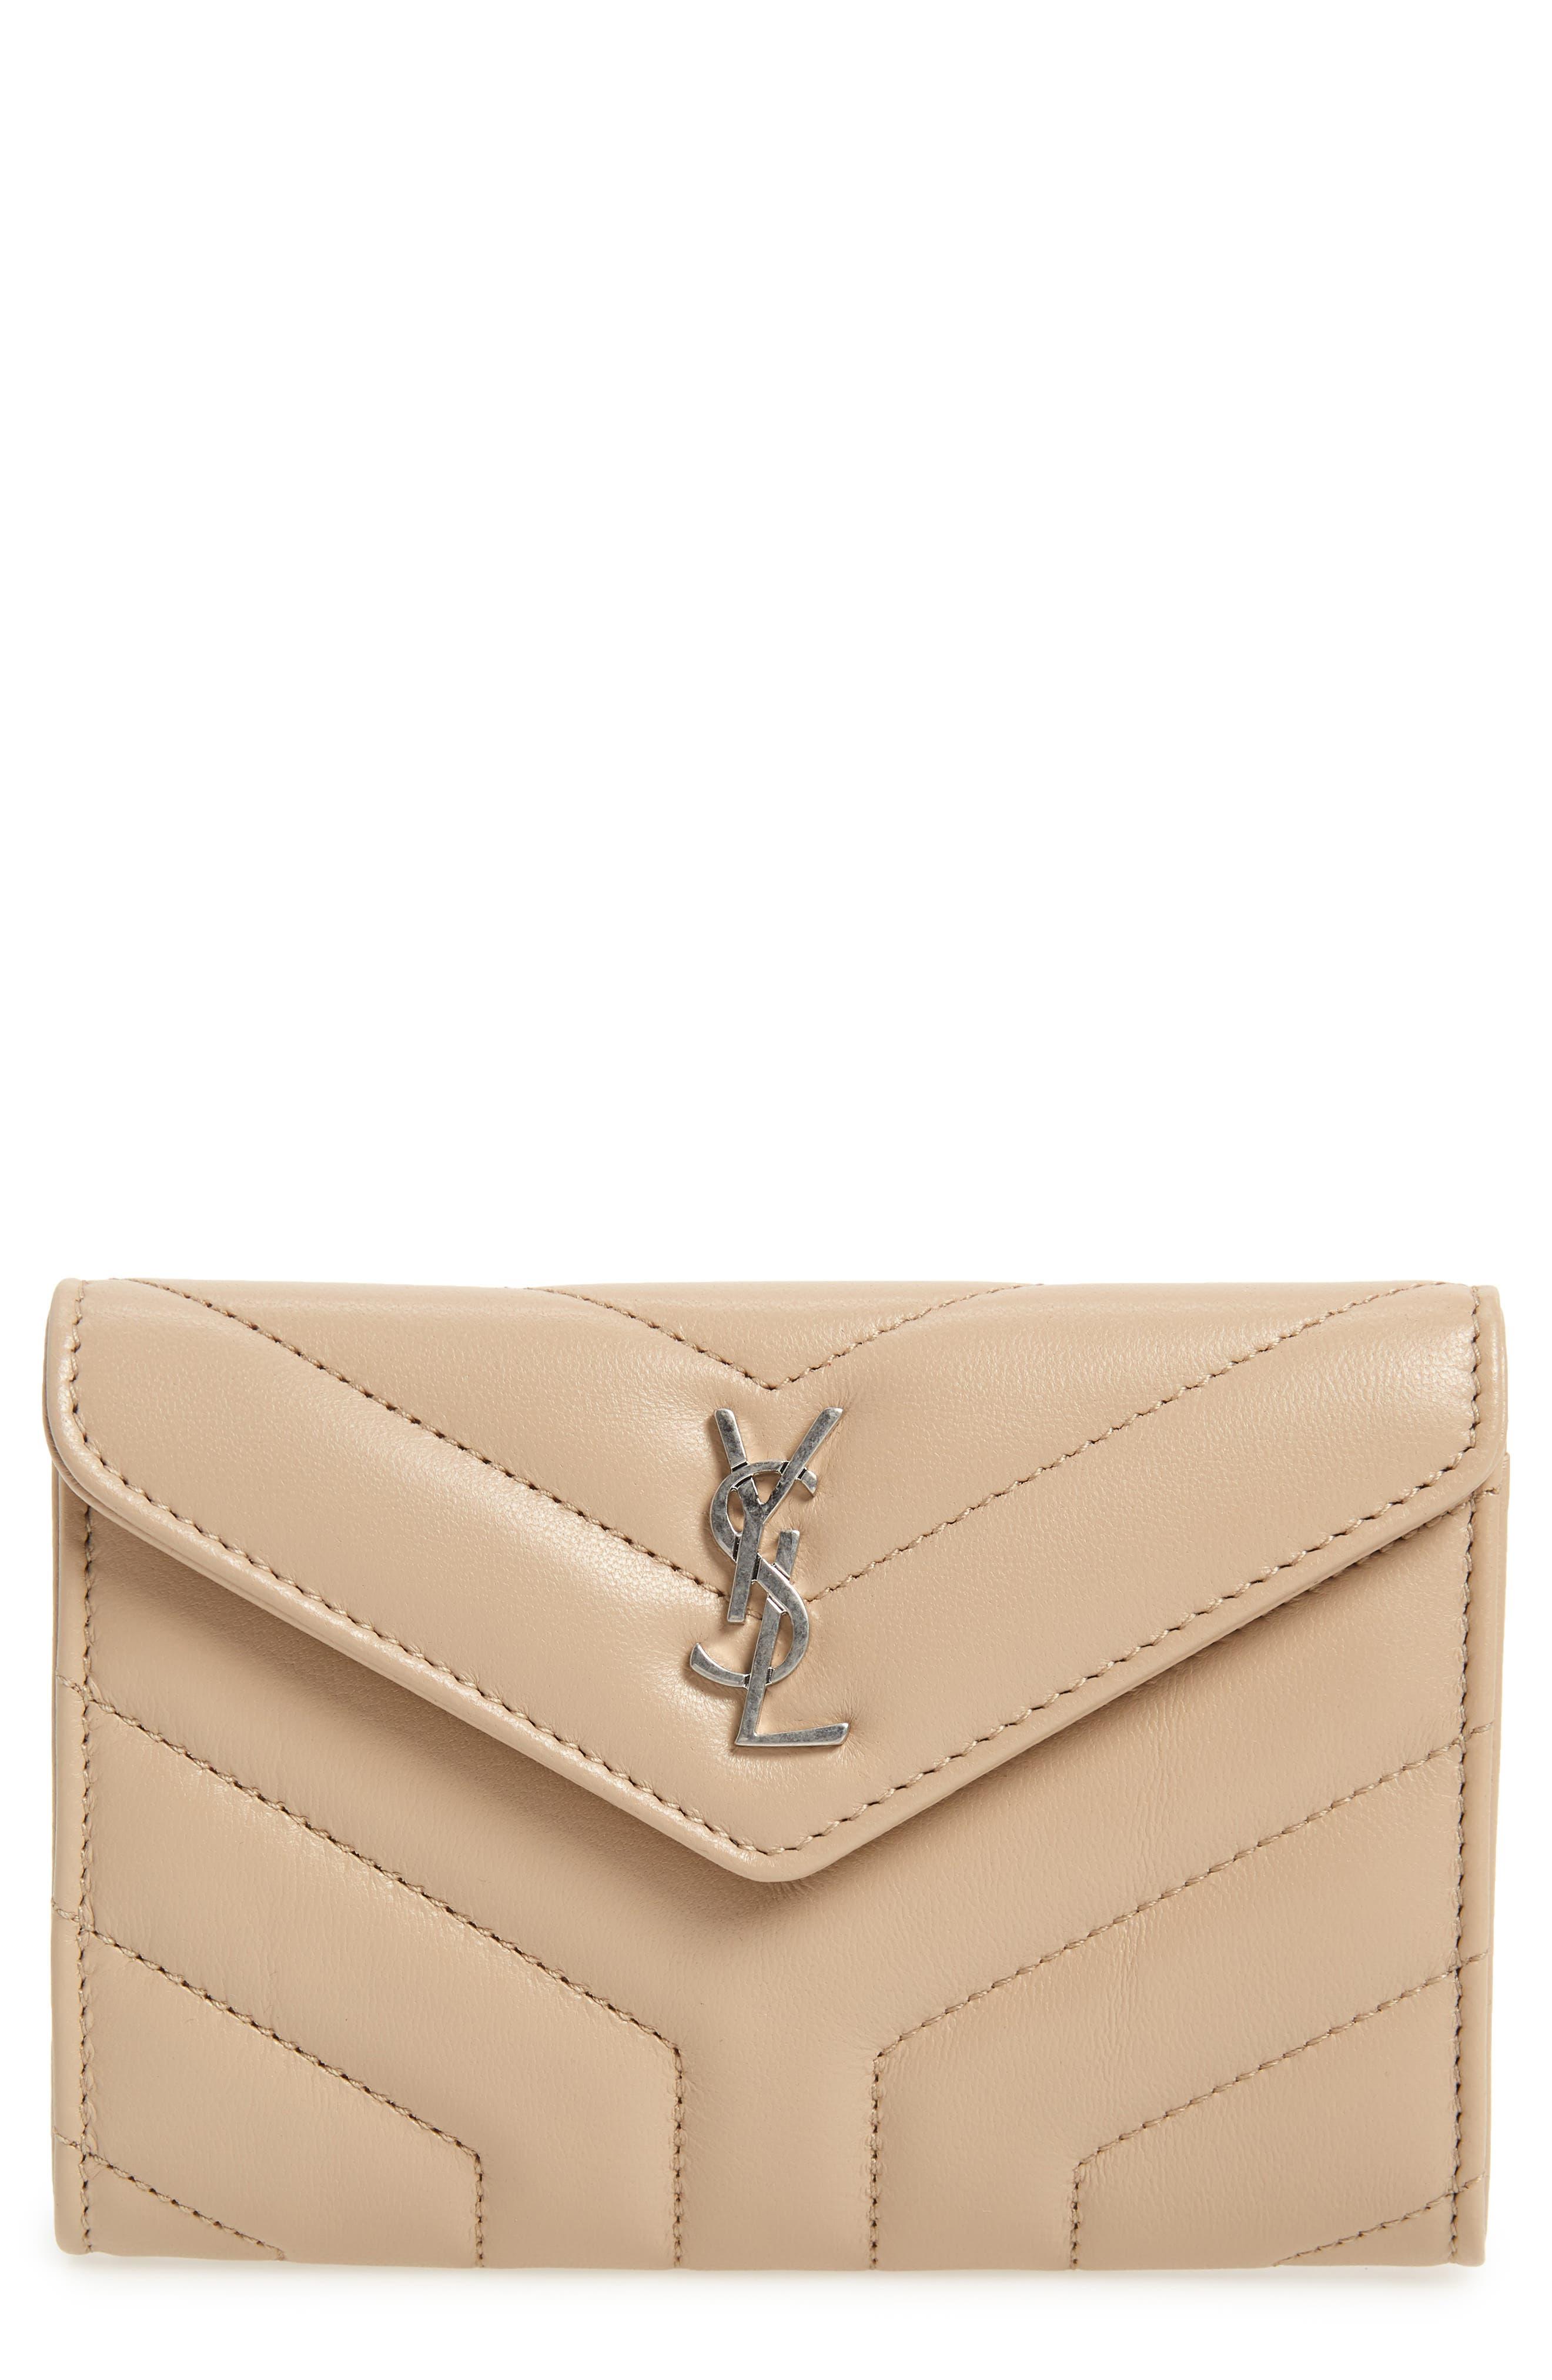 Saint Laurent Small Loulou Matelassé Leather Wallet